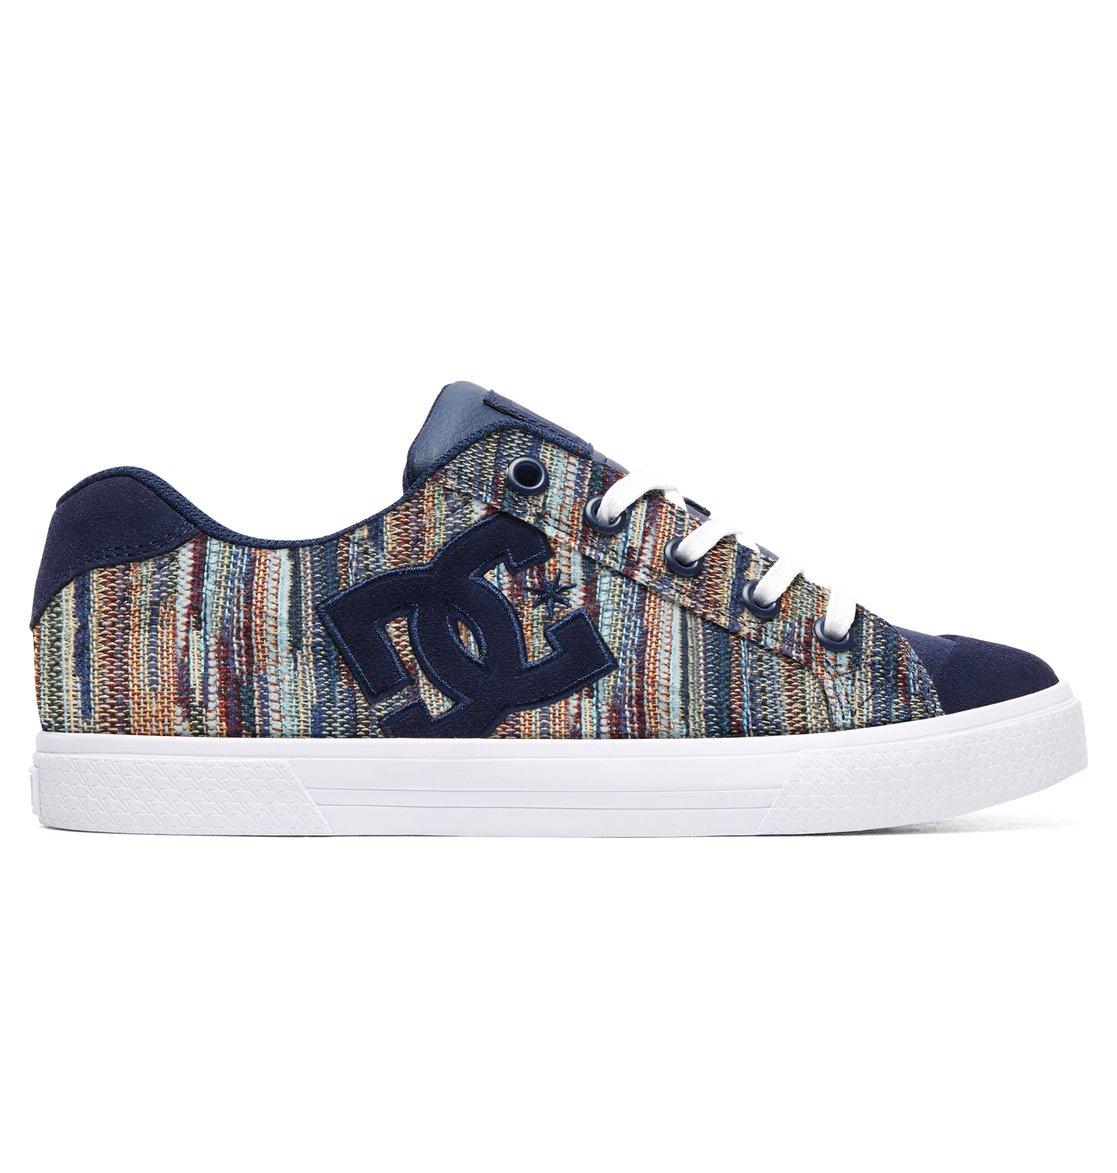 Chelsea TX - Chaussures en cuir - Bleu - DC Shoes NBCo1